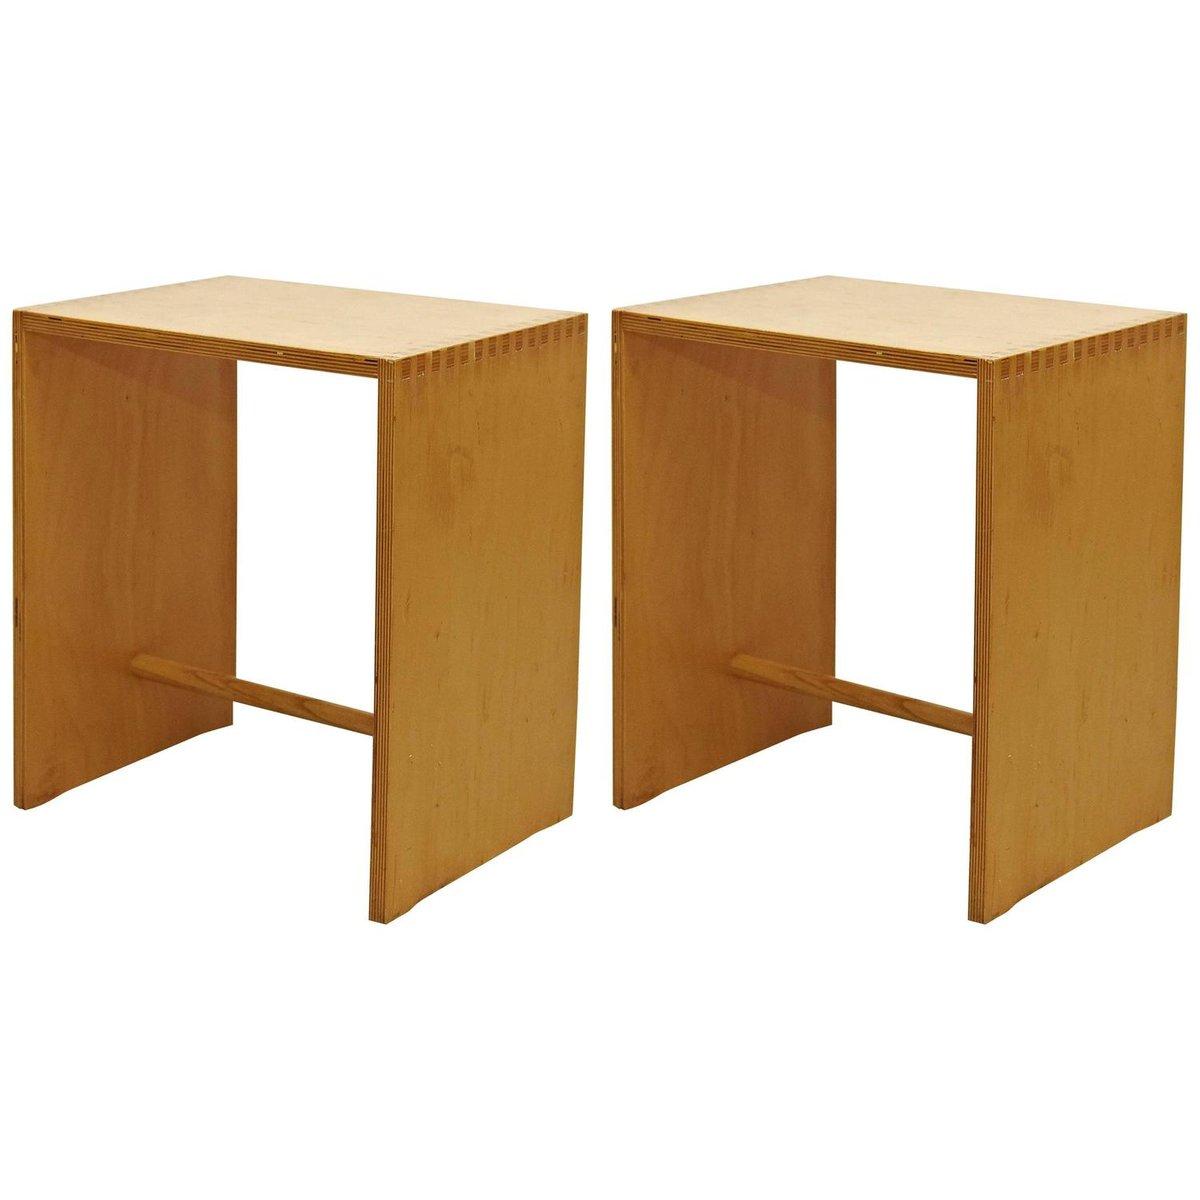 hocker aus holz von max bill f r zanotta 1950er bei pamono kaufen. Black Bedroom Furniture Sets. Home Design Ideas